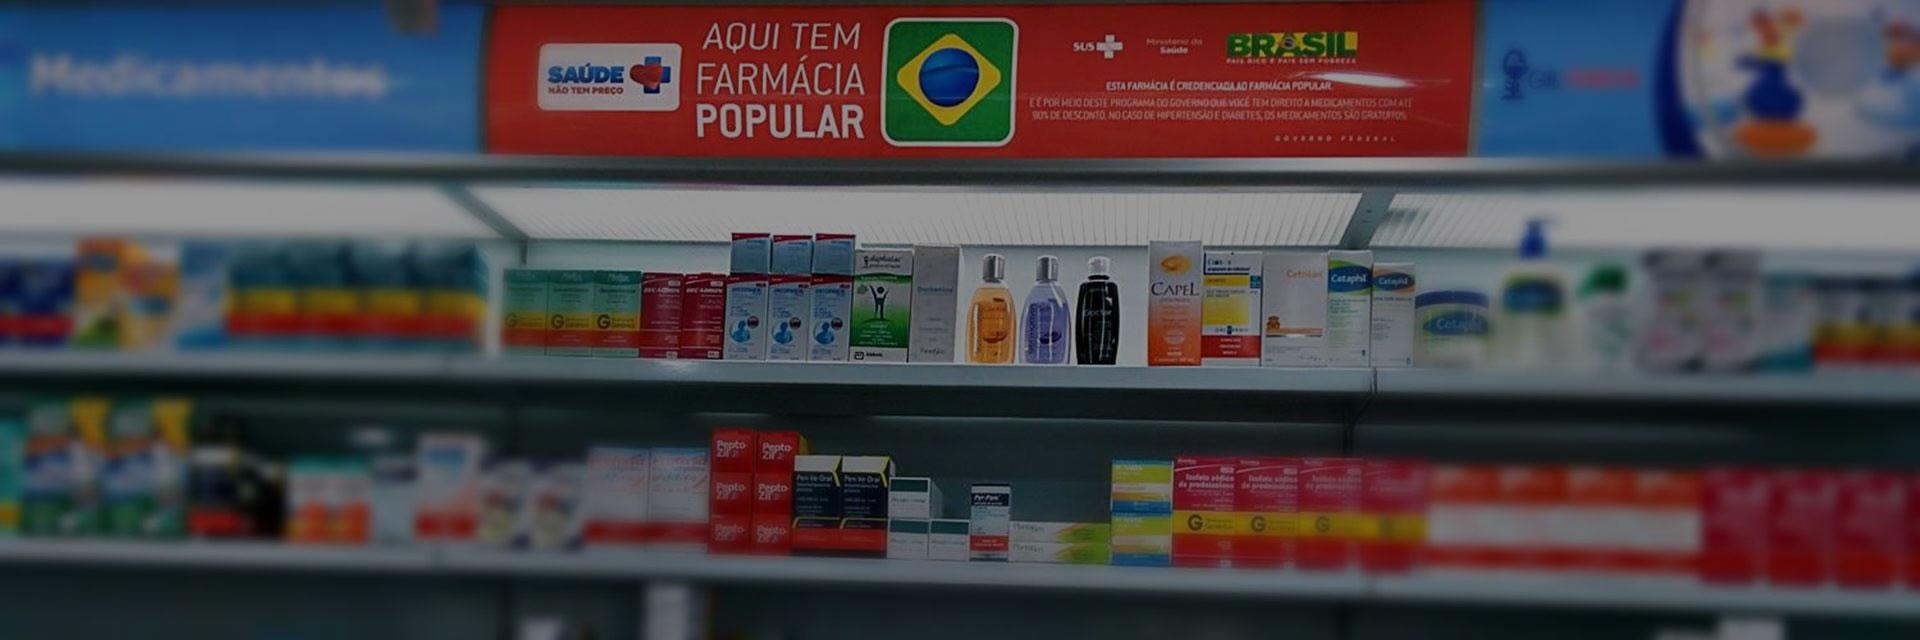 slider-farmacia-popular